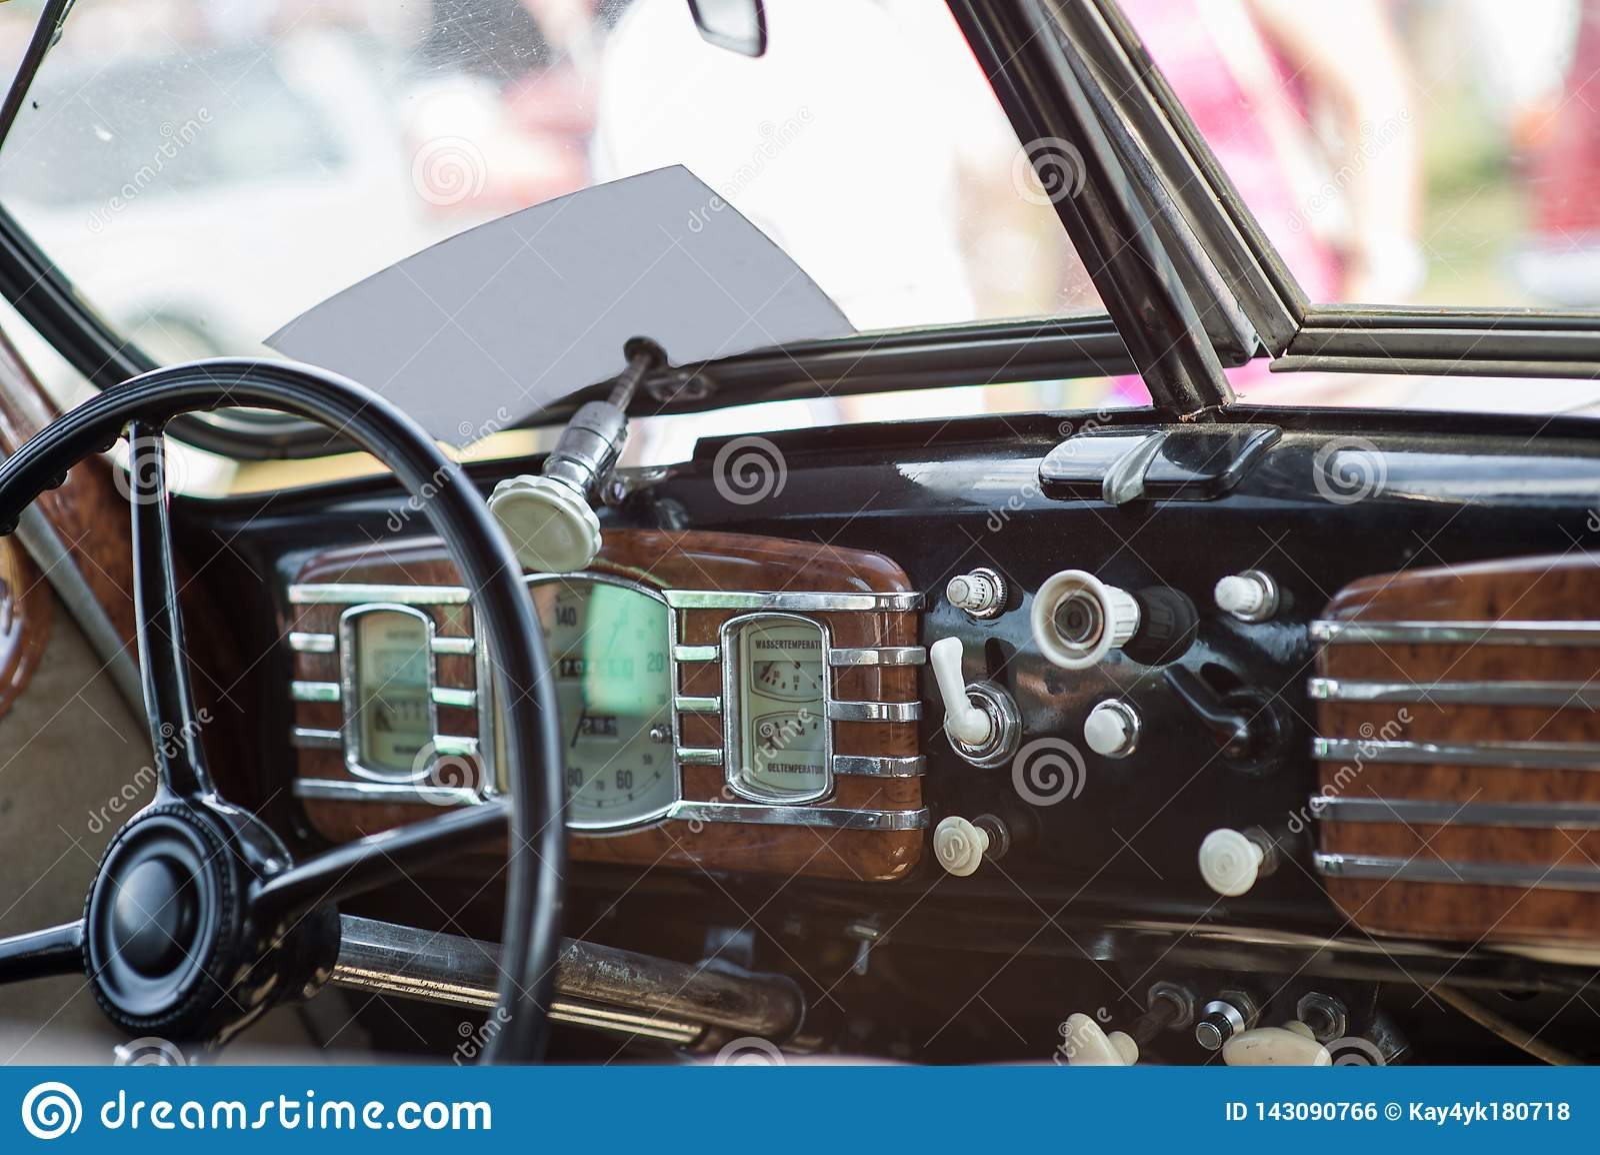 Carro da roda dos mediados do s?culo XIX tiro Interior do carro velho com r?dio e chaves de controle Interior dentro da m?quina s